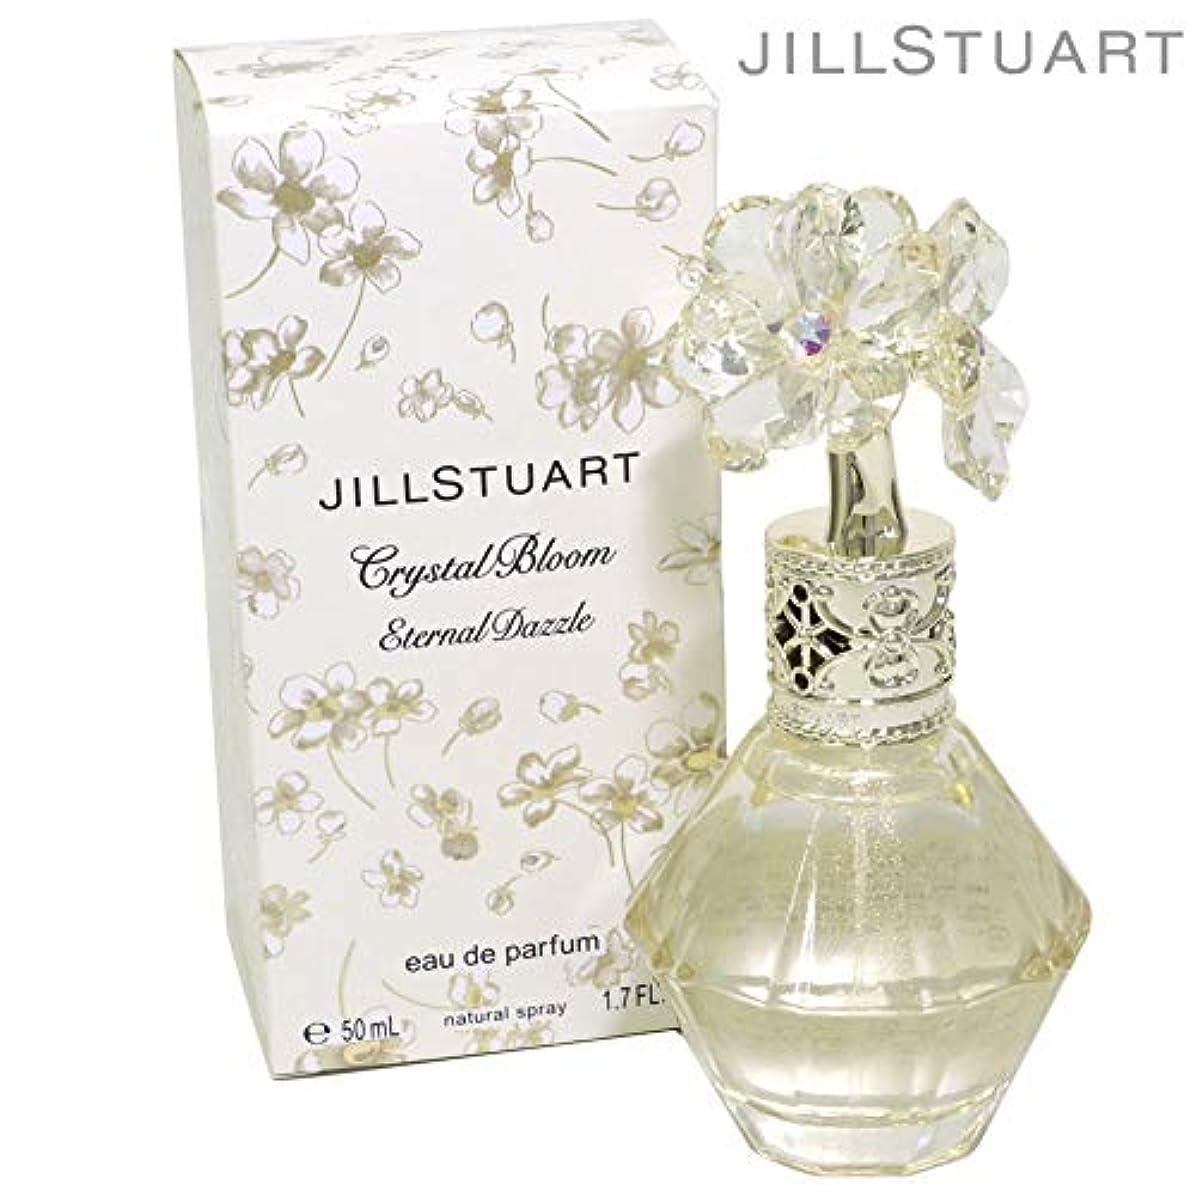 直面する専門化する舗装するJILL STUART(ジルスチュアート) クリスタルブルーム エターナルダズル オードパルファン 50ml 『Crystal Bloom Eternal Dazzle eau de parfum』